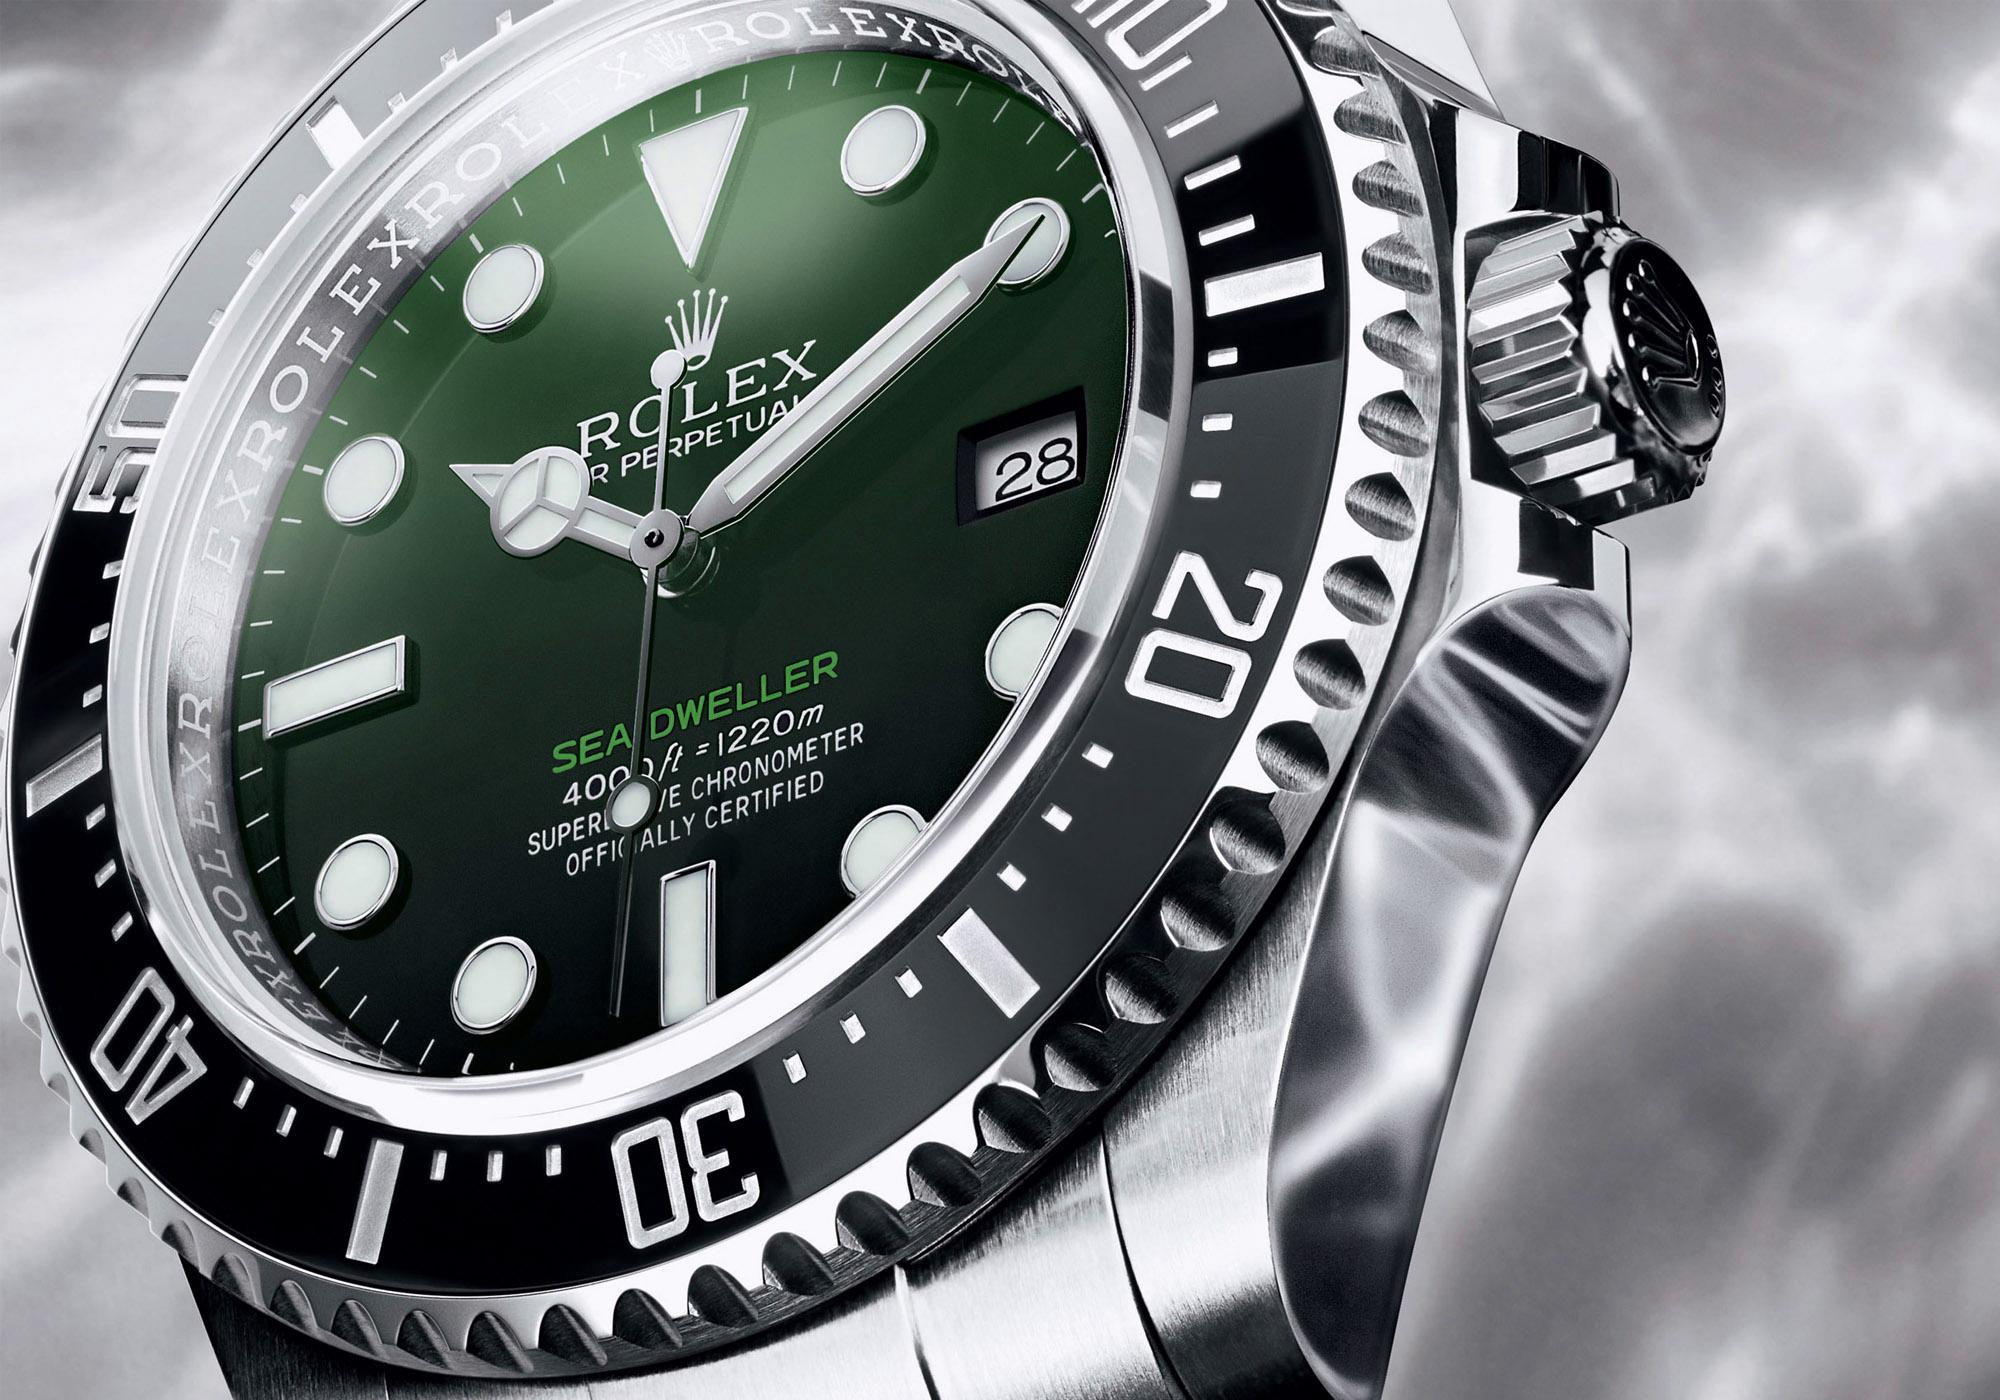 Il nuovo Rolex Sea Dweller con quadrante verde